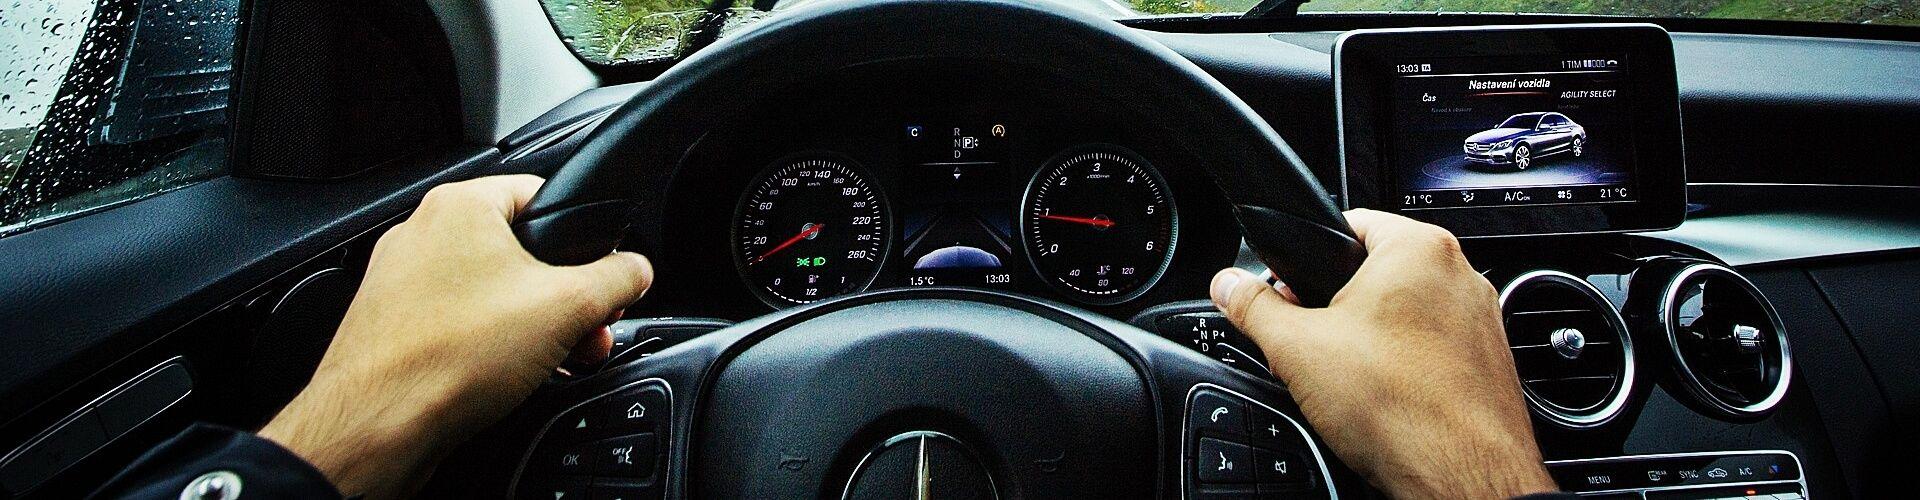 recargar-aire-acondicionado-vehiculo